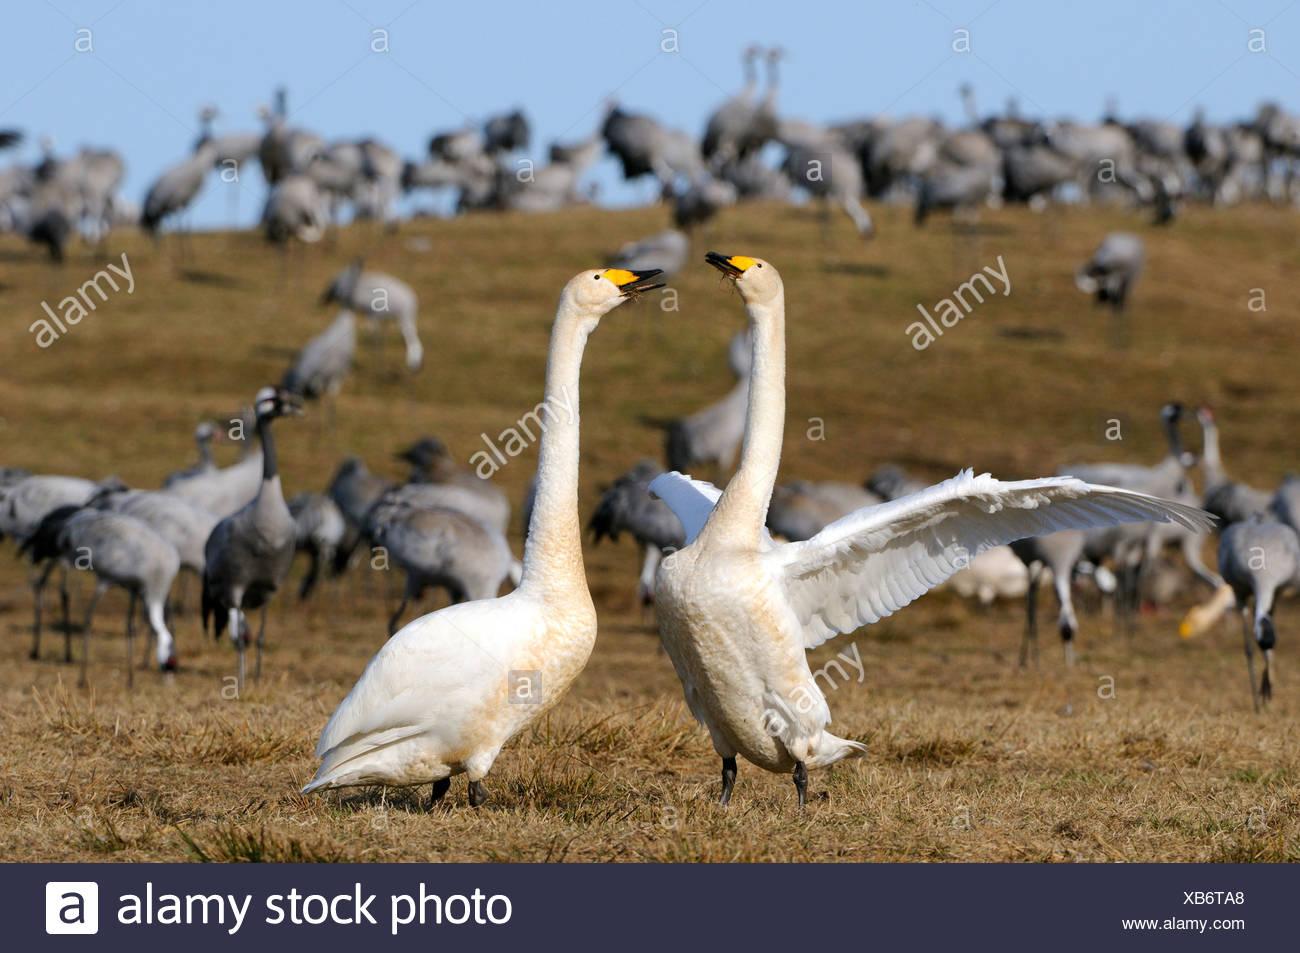 Whooper swans (Cygnus cygnus), courting breeding pair, and cranes (Grus grus), Hornborgasjoen, Vaestergoetland, Sweden - Stock Image